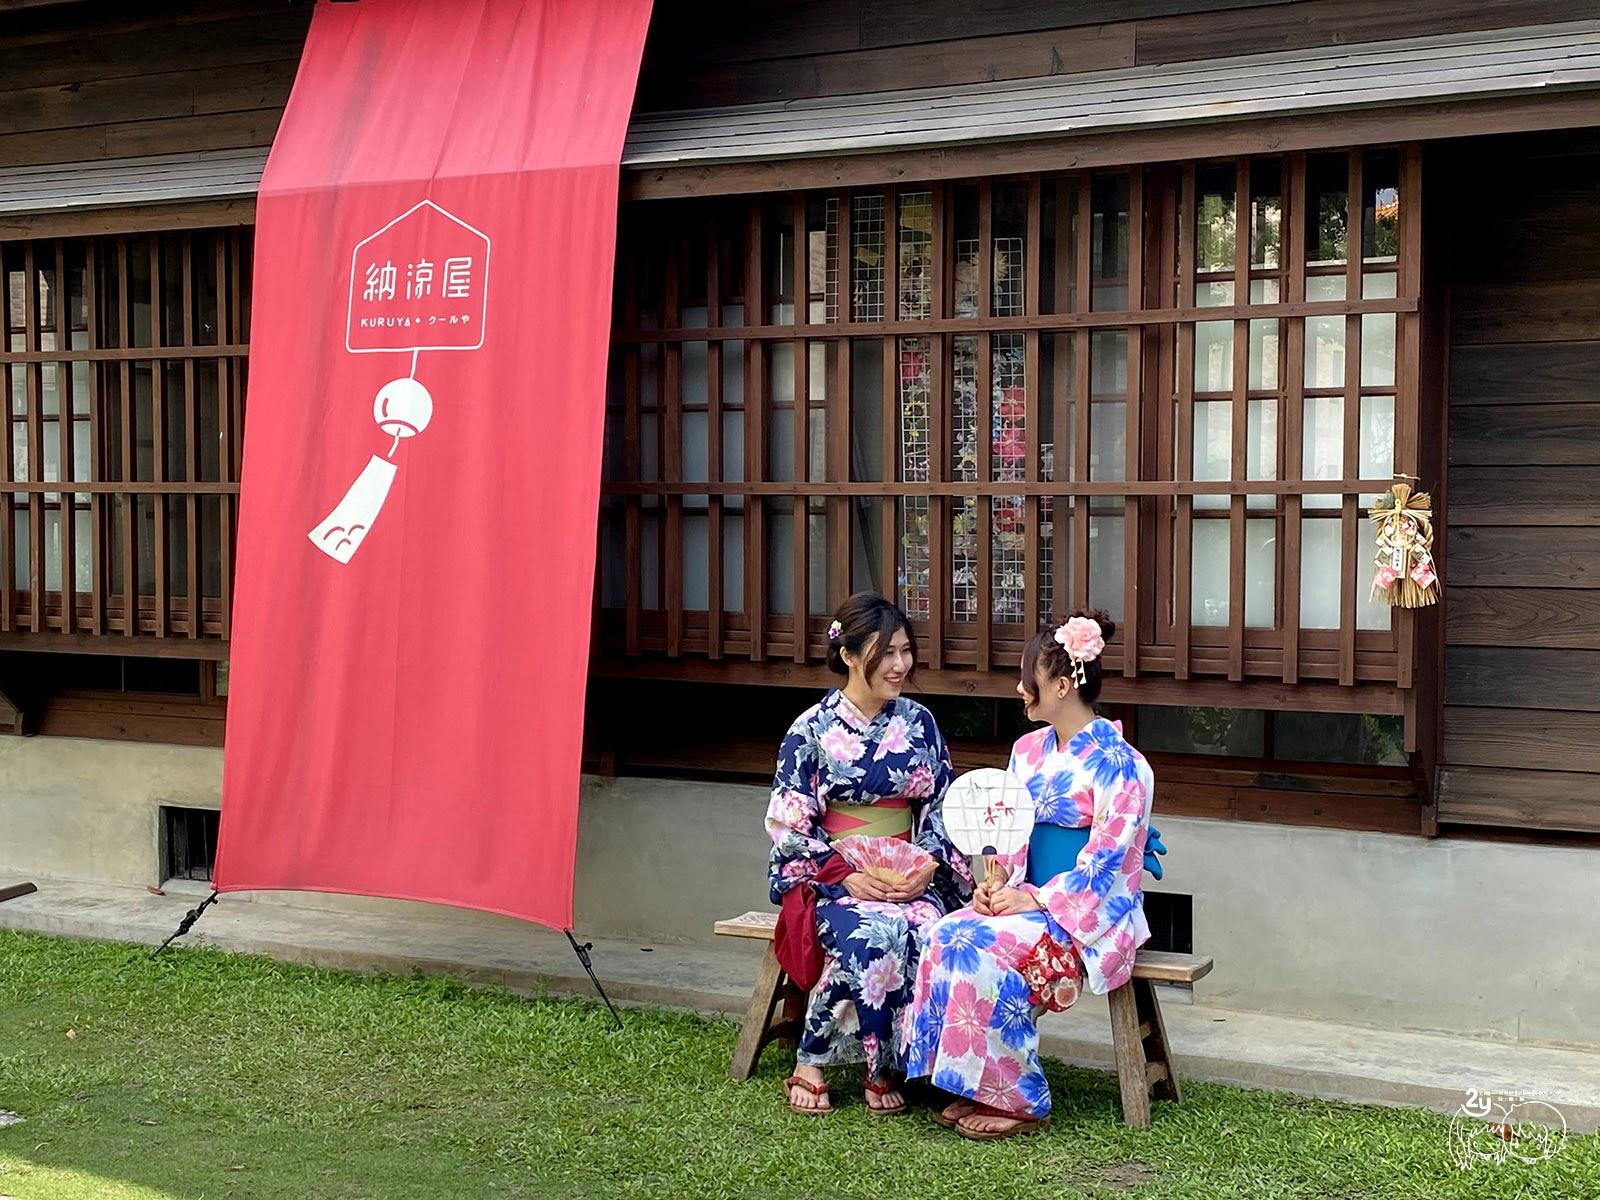 台南|東區 【納涼屋】日式浴衣體驗!!夏日穿浴衣逛林百貨遊鷲嶺食肆,享受偽日本女孩氣息|漫遊日式建築的文化美學猶如身在日本的氛圍